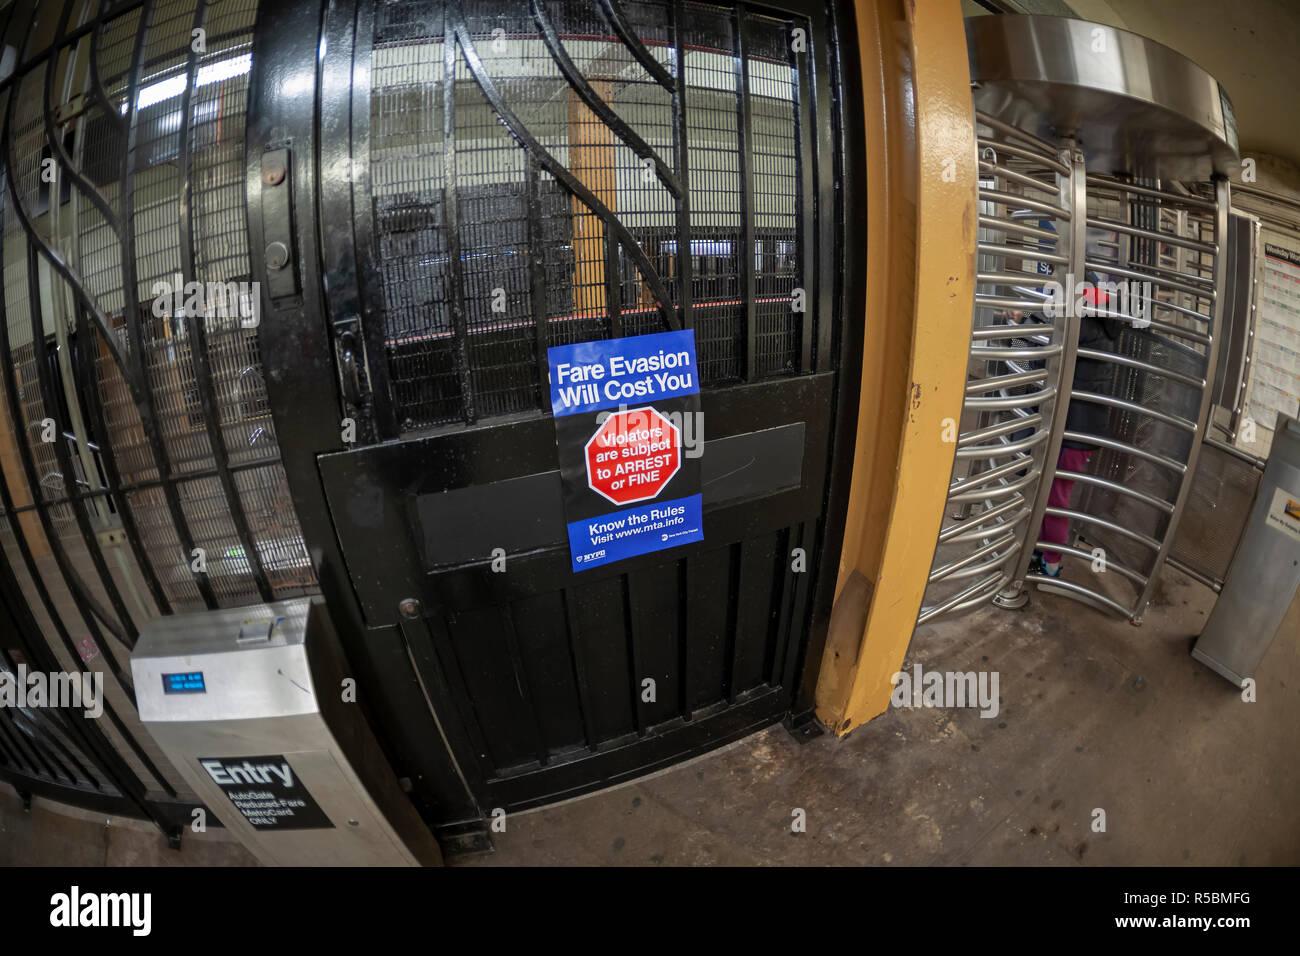 Un cartel en la estación de metro de West 23rd Street en Nueva York el jueves, 29 de noviembre de 2018, advierte de las consecuencias de la evasión de tarifa. Evasión de tarifas ha sido una merma en los ingresos del MTA después del NYPD alivió la observancia, expedir citaciones en contraposición a las detenciones, y la oficina del Fiscal del Distrito de Manhattan dejó de perseguir a la mayoría de los casos. (© Richard B. Levine) Imagen De Stock